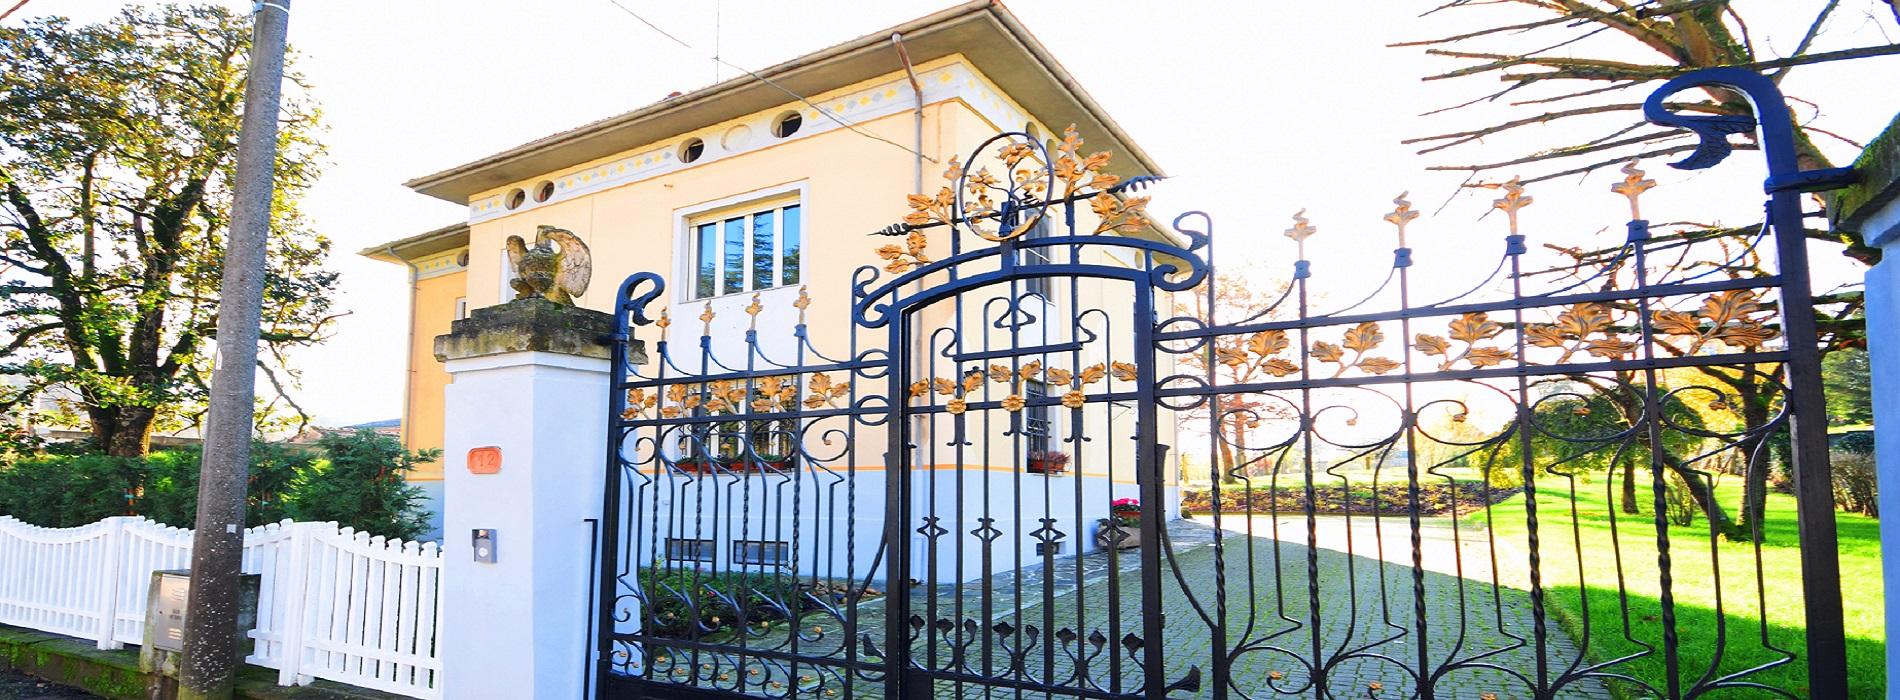 POMARO MONFERRATO (AL) Vendesi casa indipendente in stile inglese mq. 360